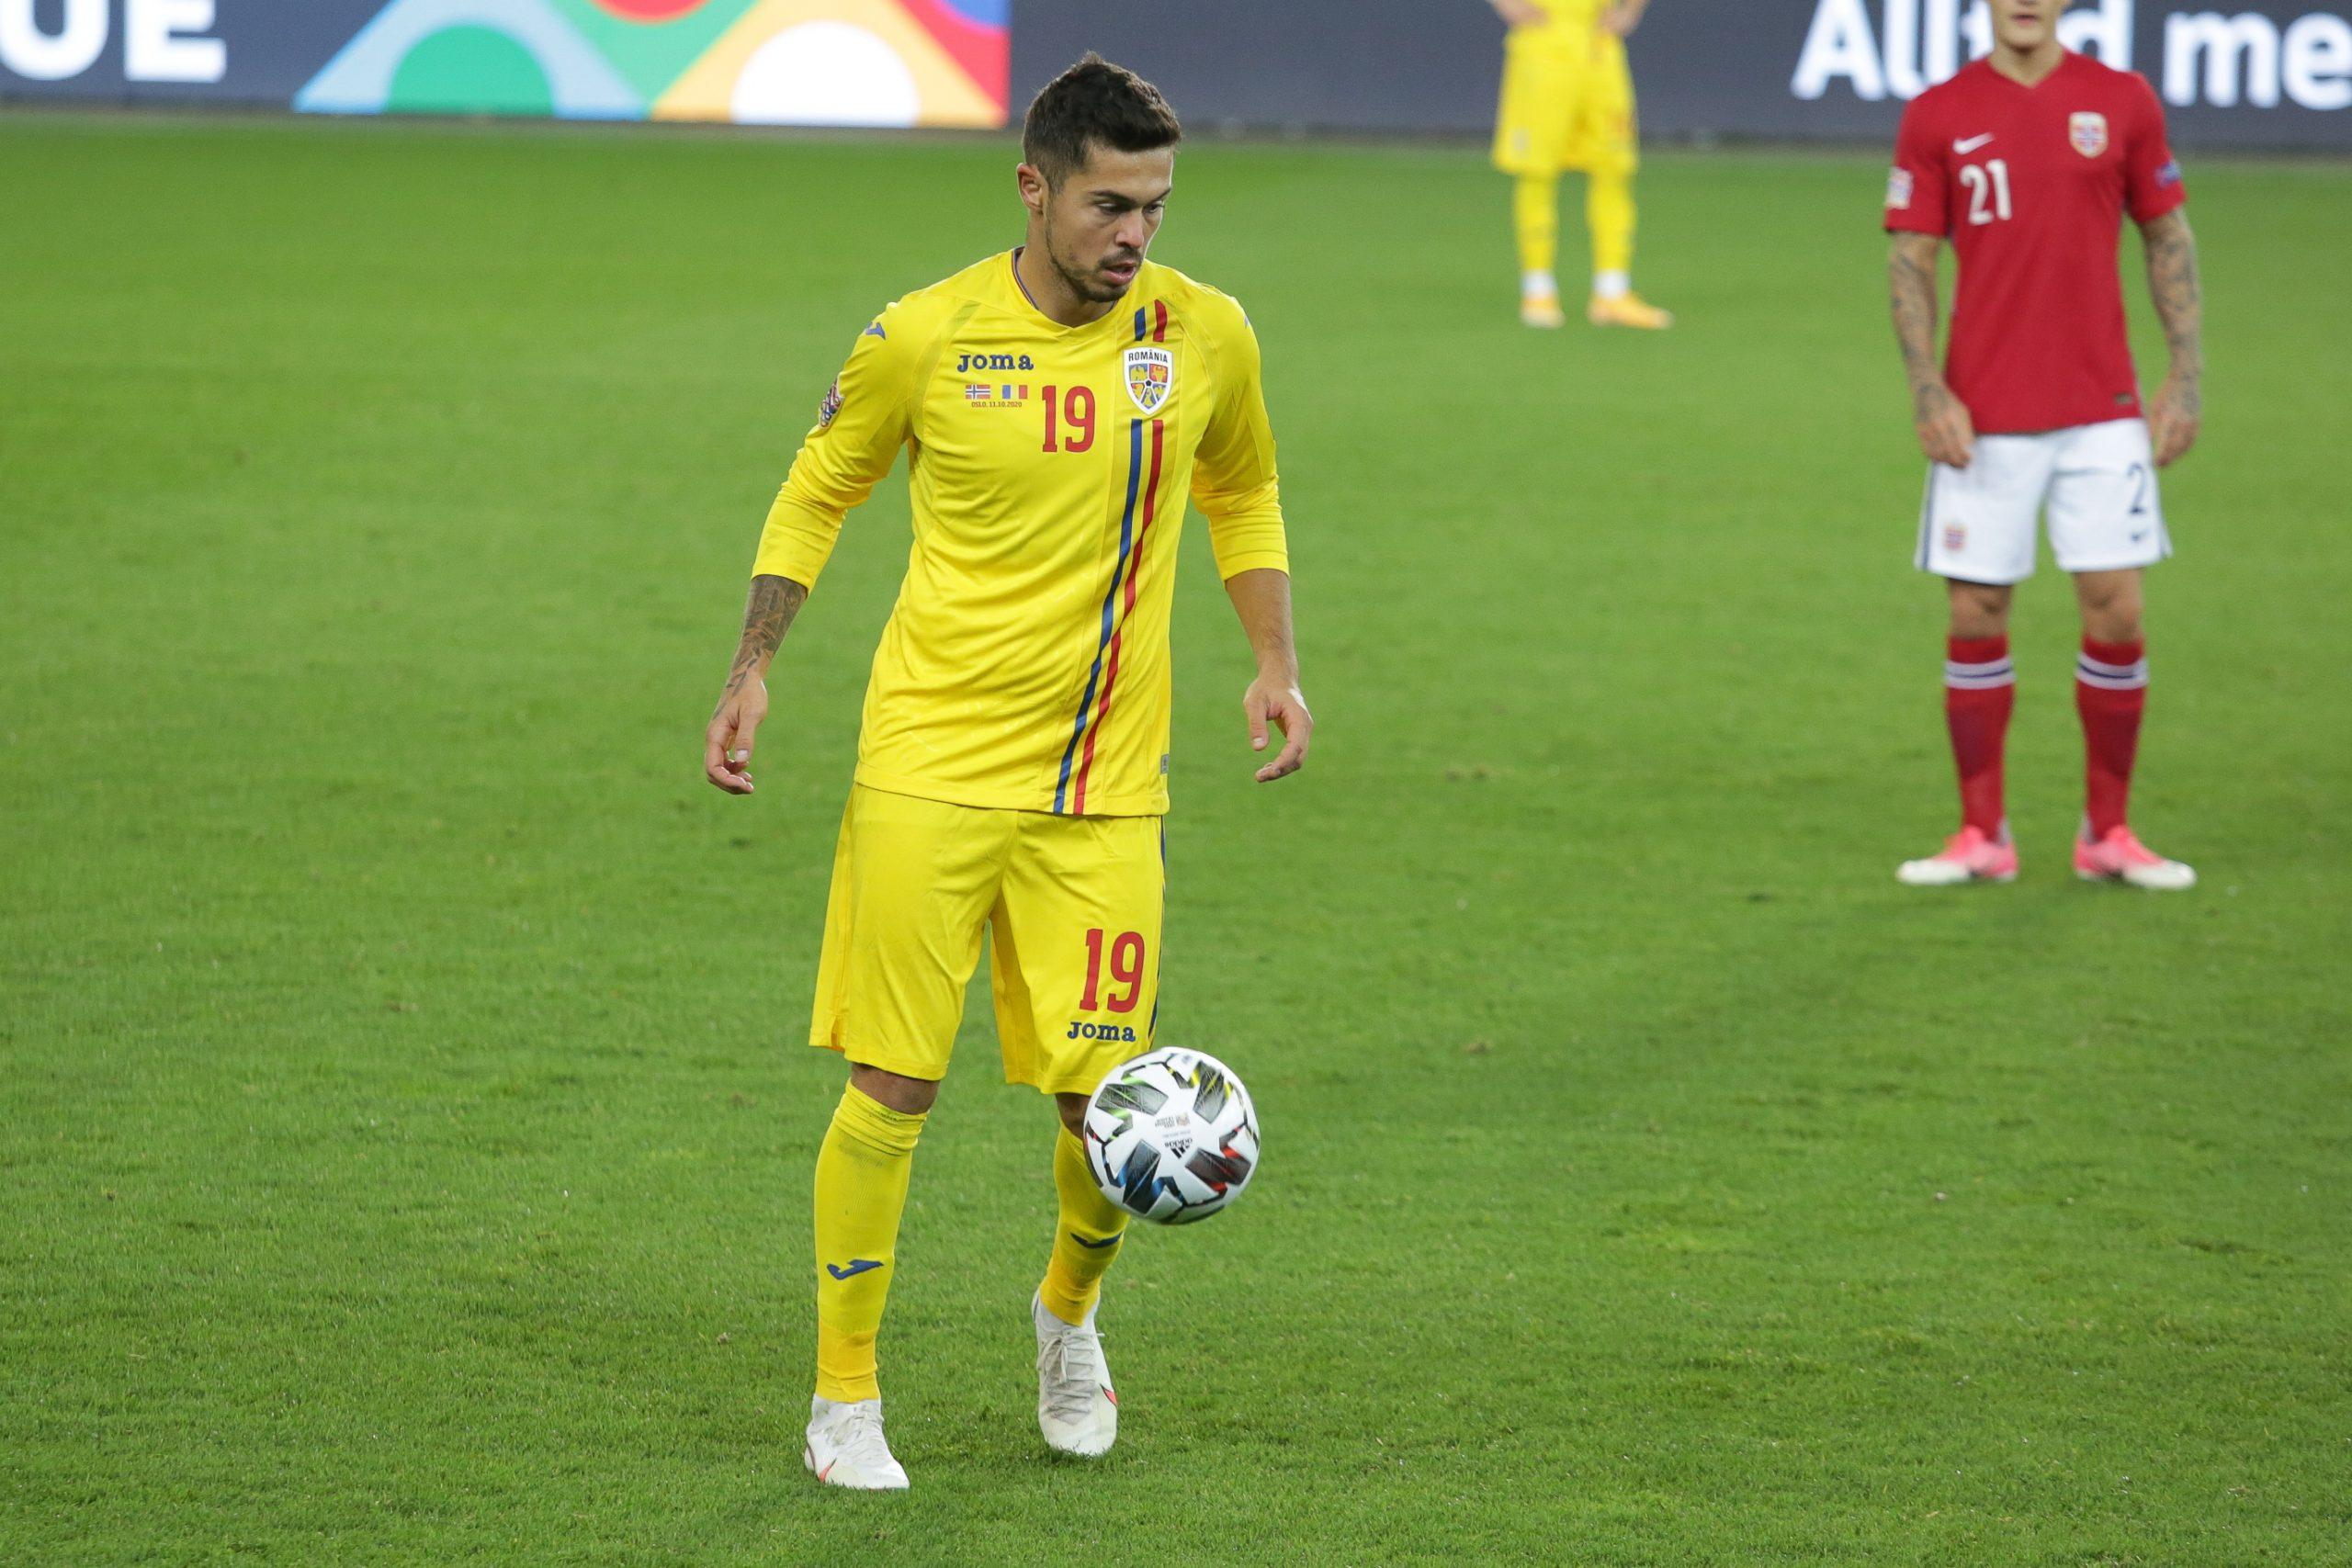 Gabi Iancu, afacerea de succes a lui Gică Hagi! I-a adus peste 1 milion de euro în conturi grație transferurilor